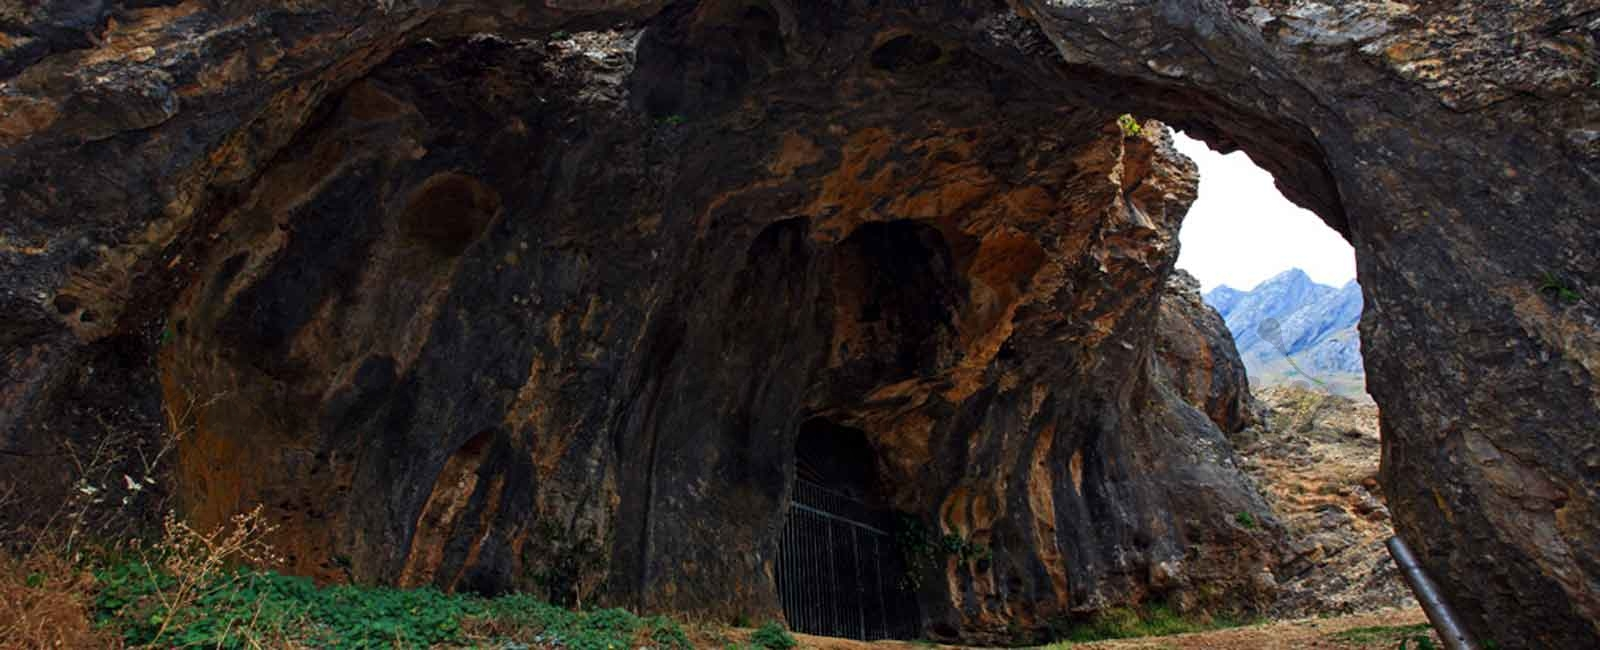 Ruta por el Desfiladero de los Calderones de Piedrasecha